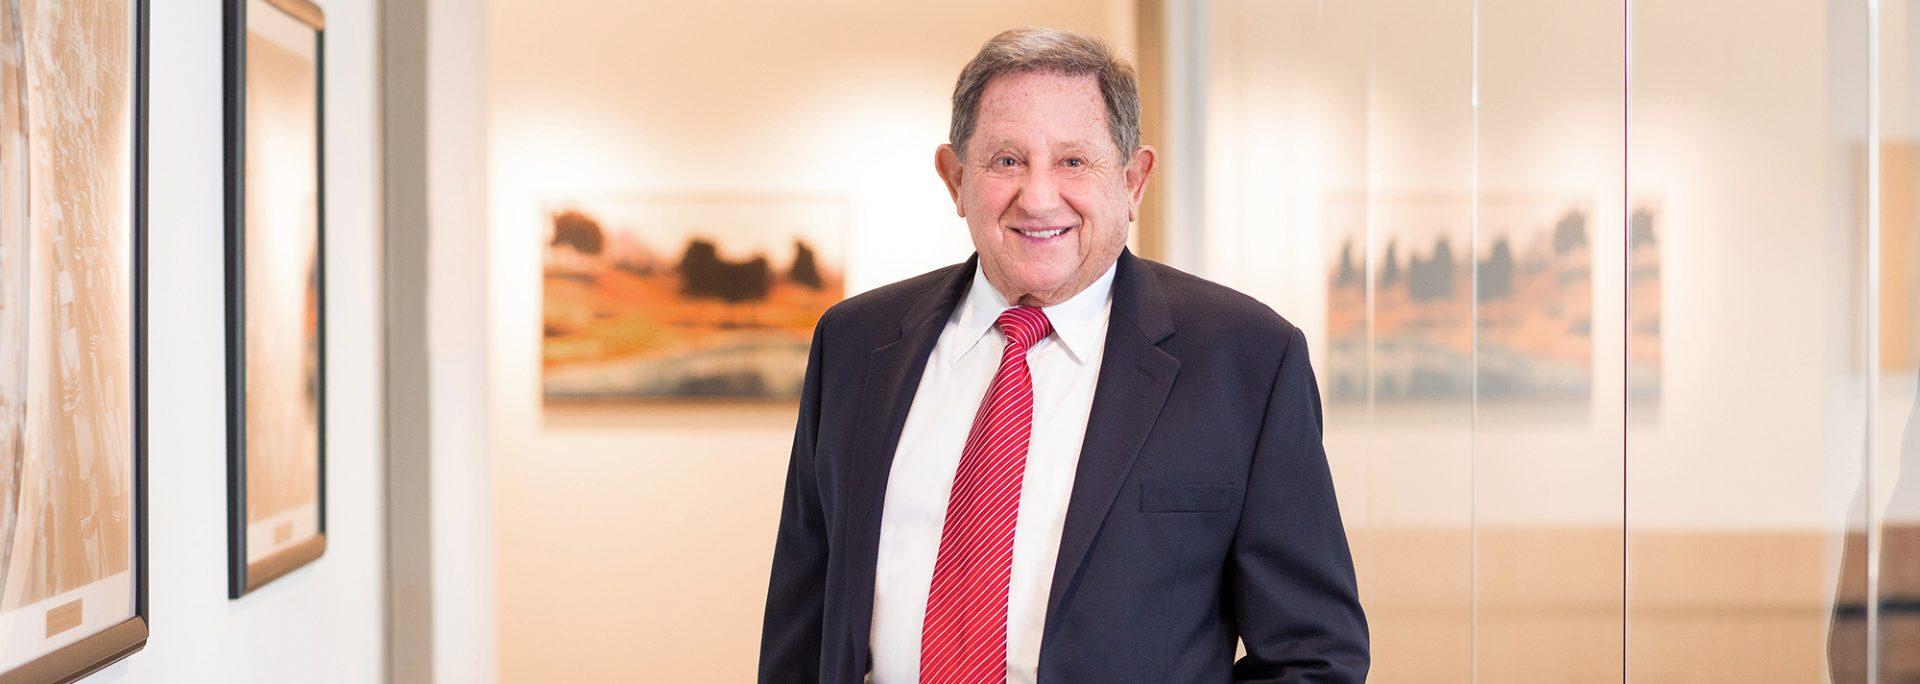 Kenneth R. Blumer